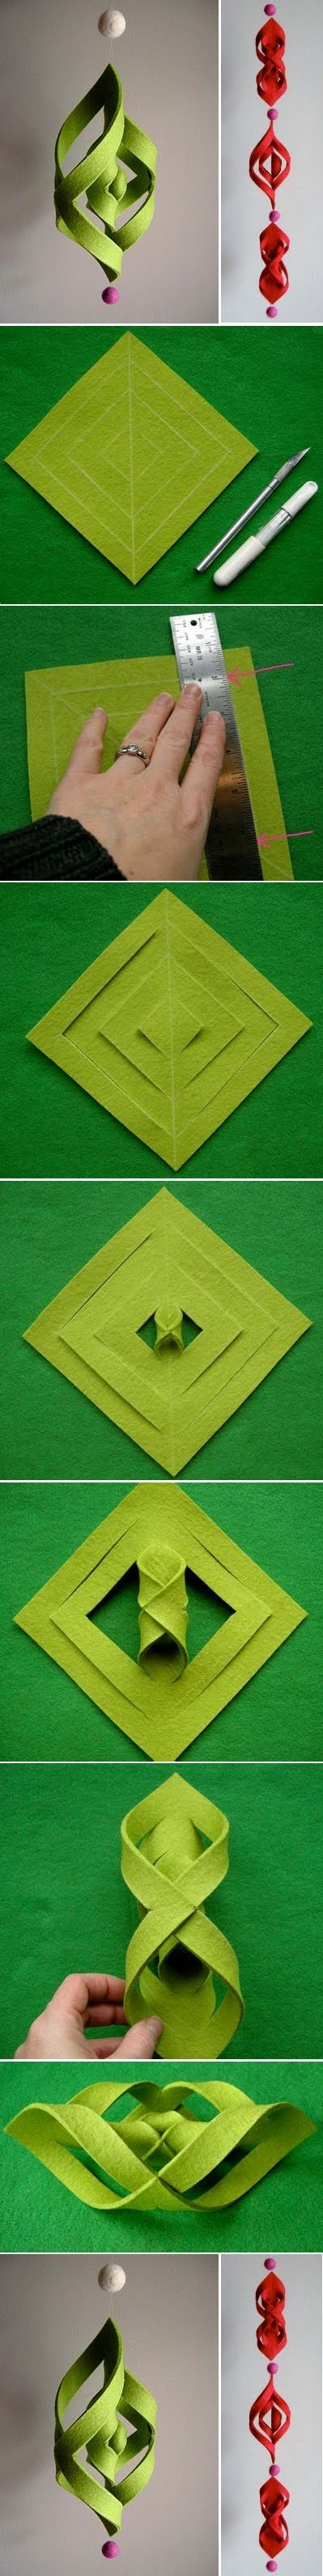 紙でもフェルトでも作れる3Dスノーフレークをクリスマスに飾ろう☆ | CRASIA(クラシア)